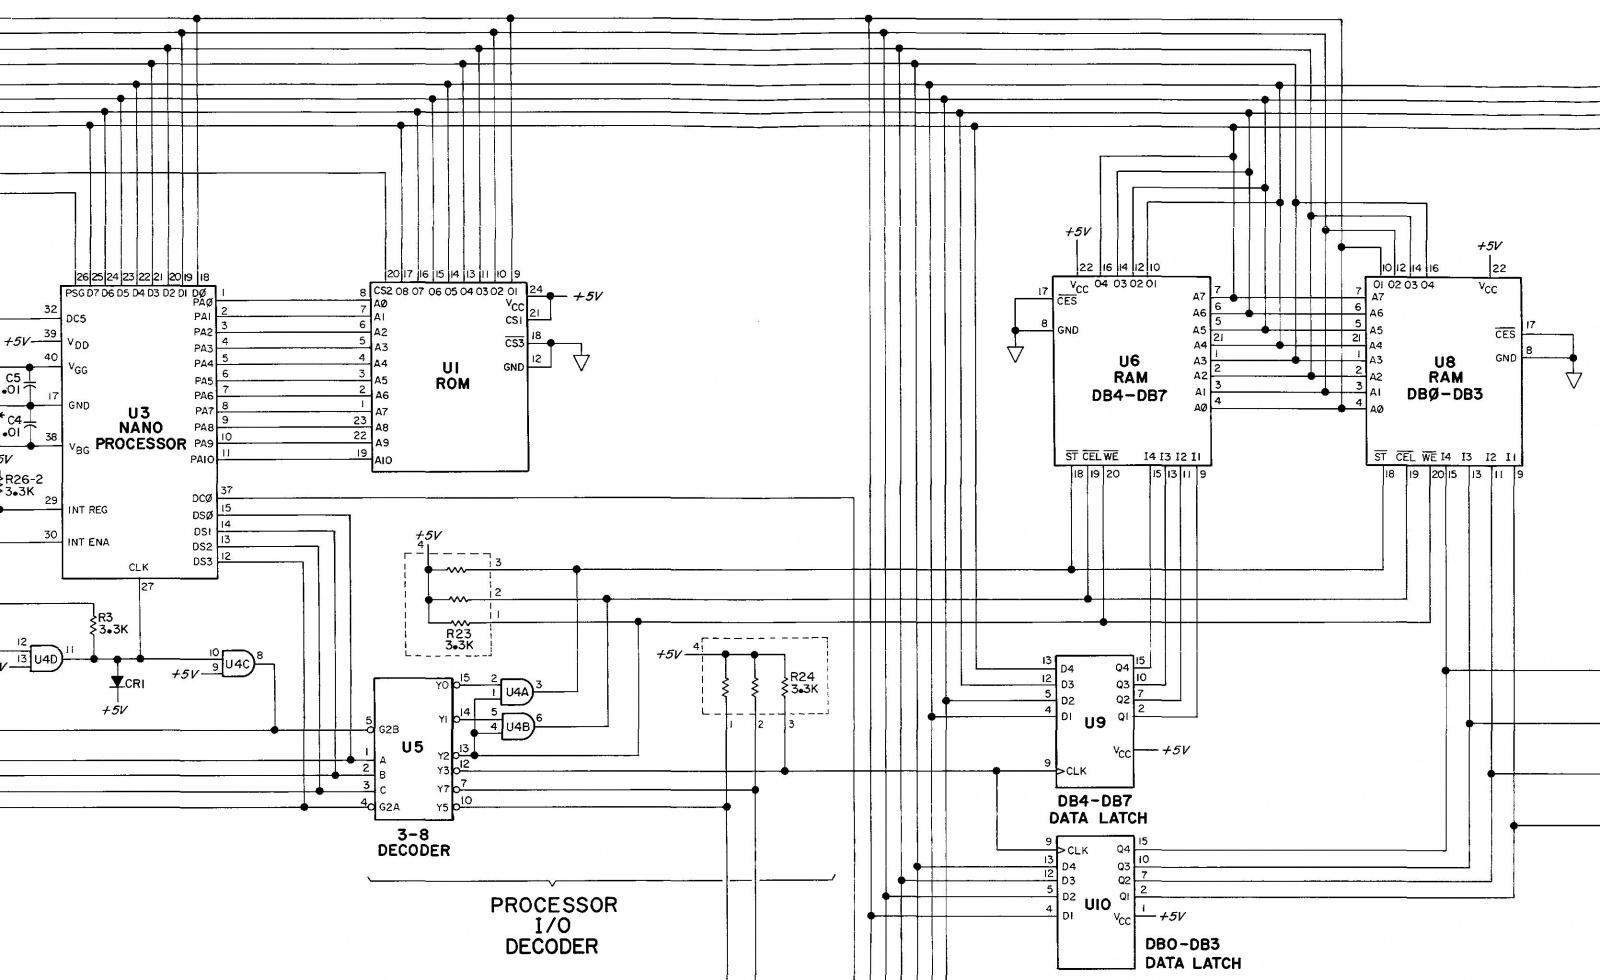 Внутренности HP Nanoprocessor: высокоскоростной процессор, не умеющий складывать - 17